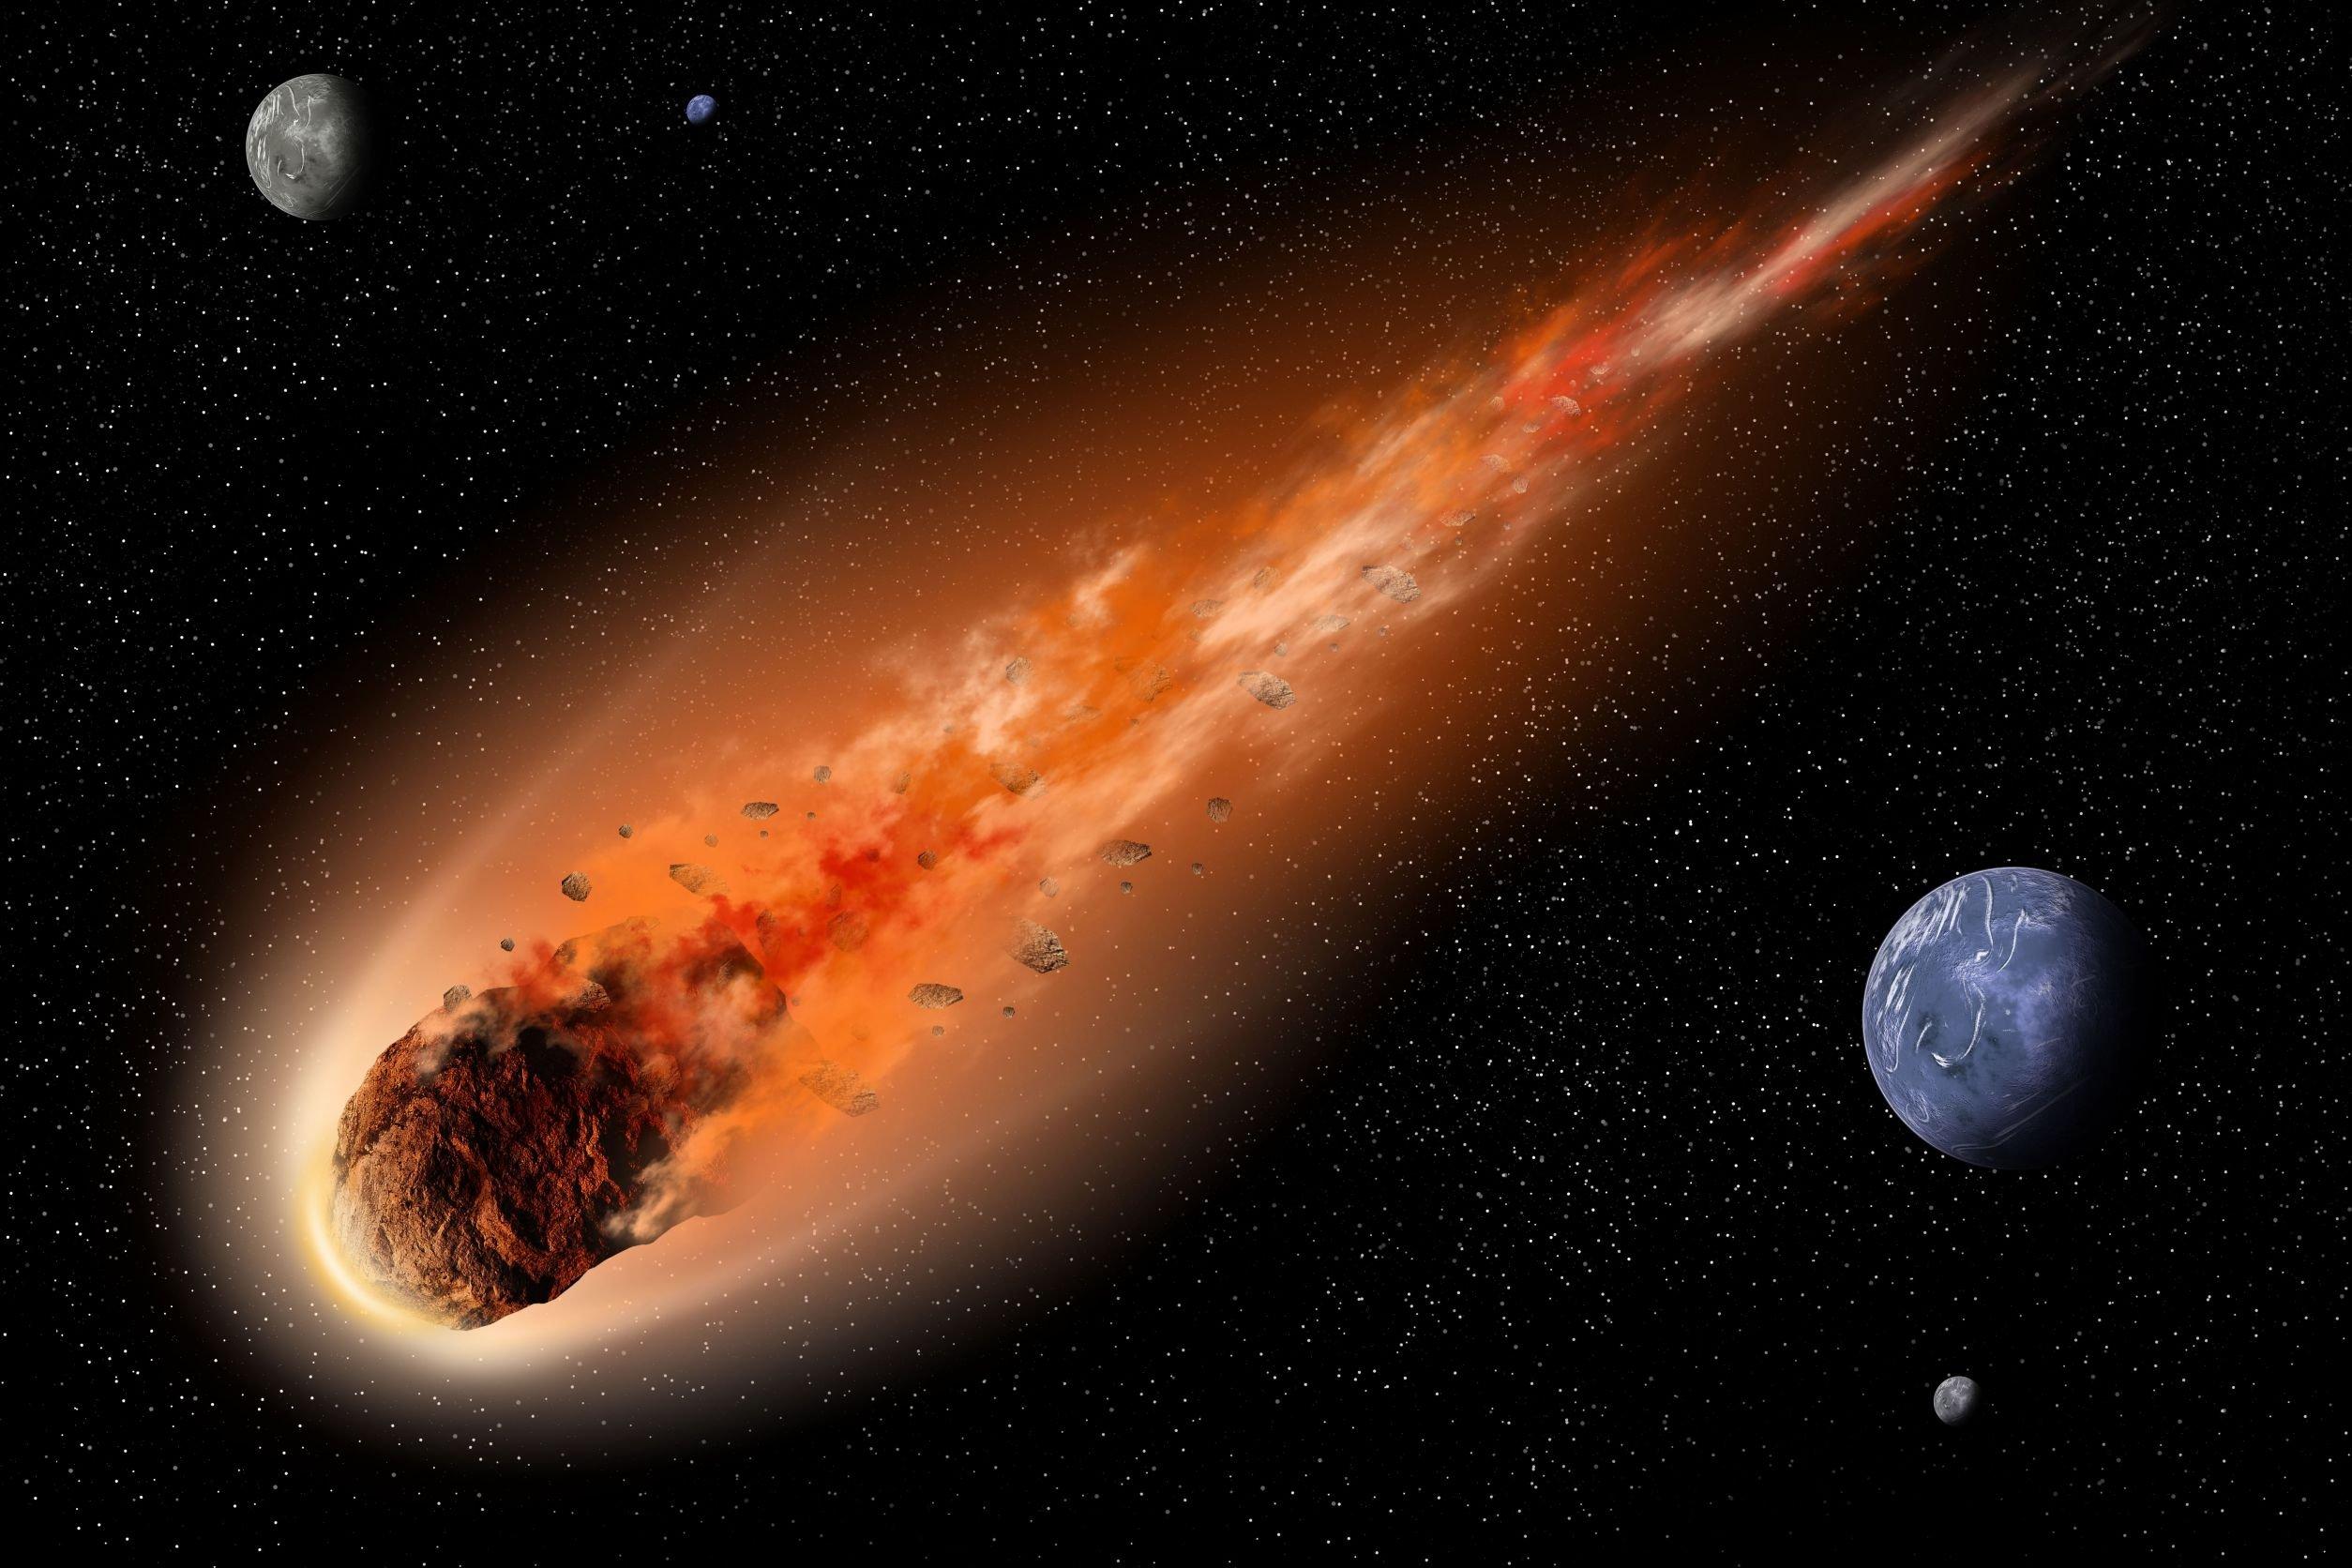 Ксередине весны приверженцы смогут увидеть комету Туттля-Джакобини-Кресака